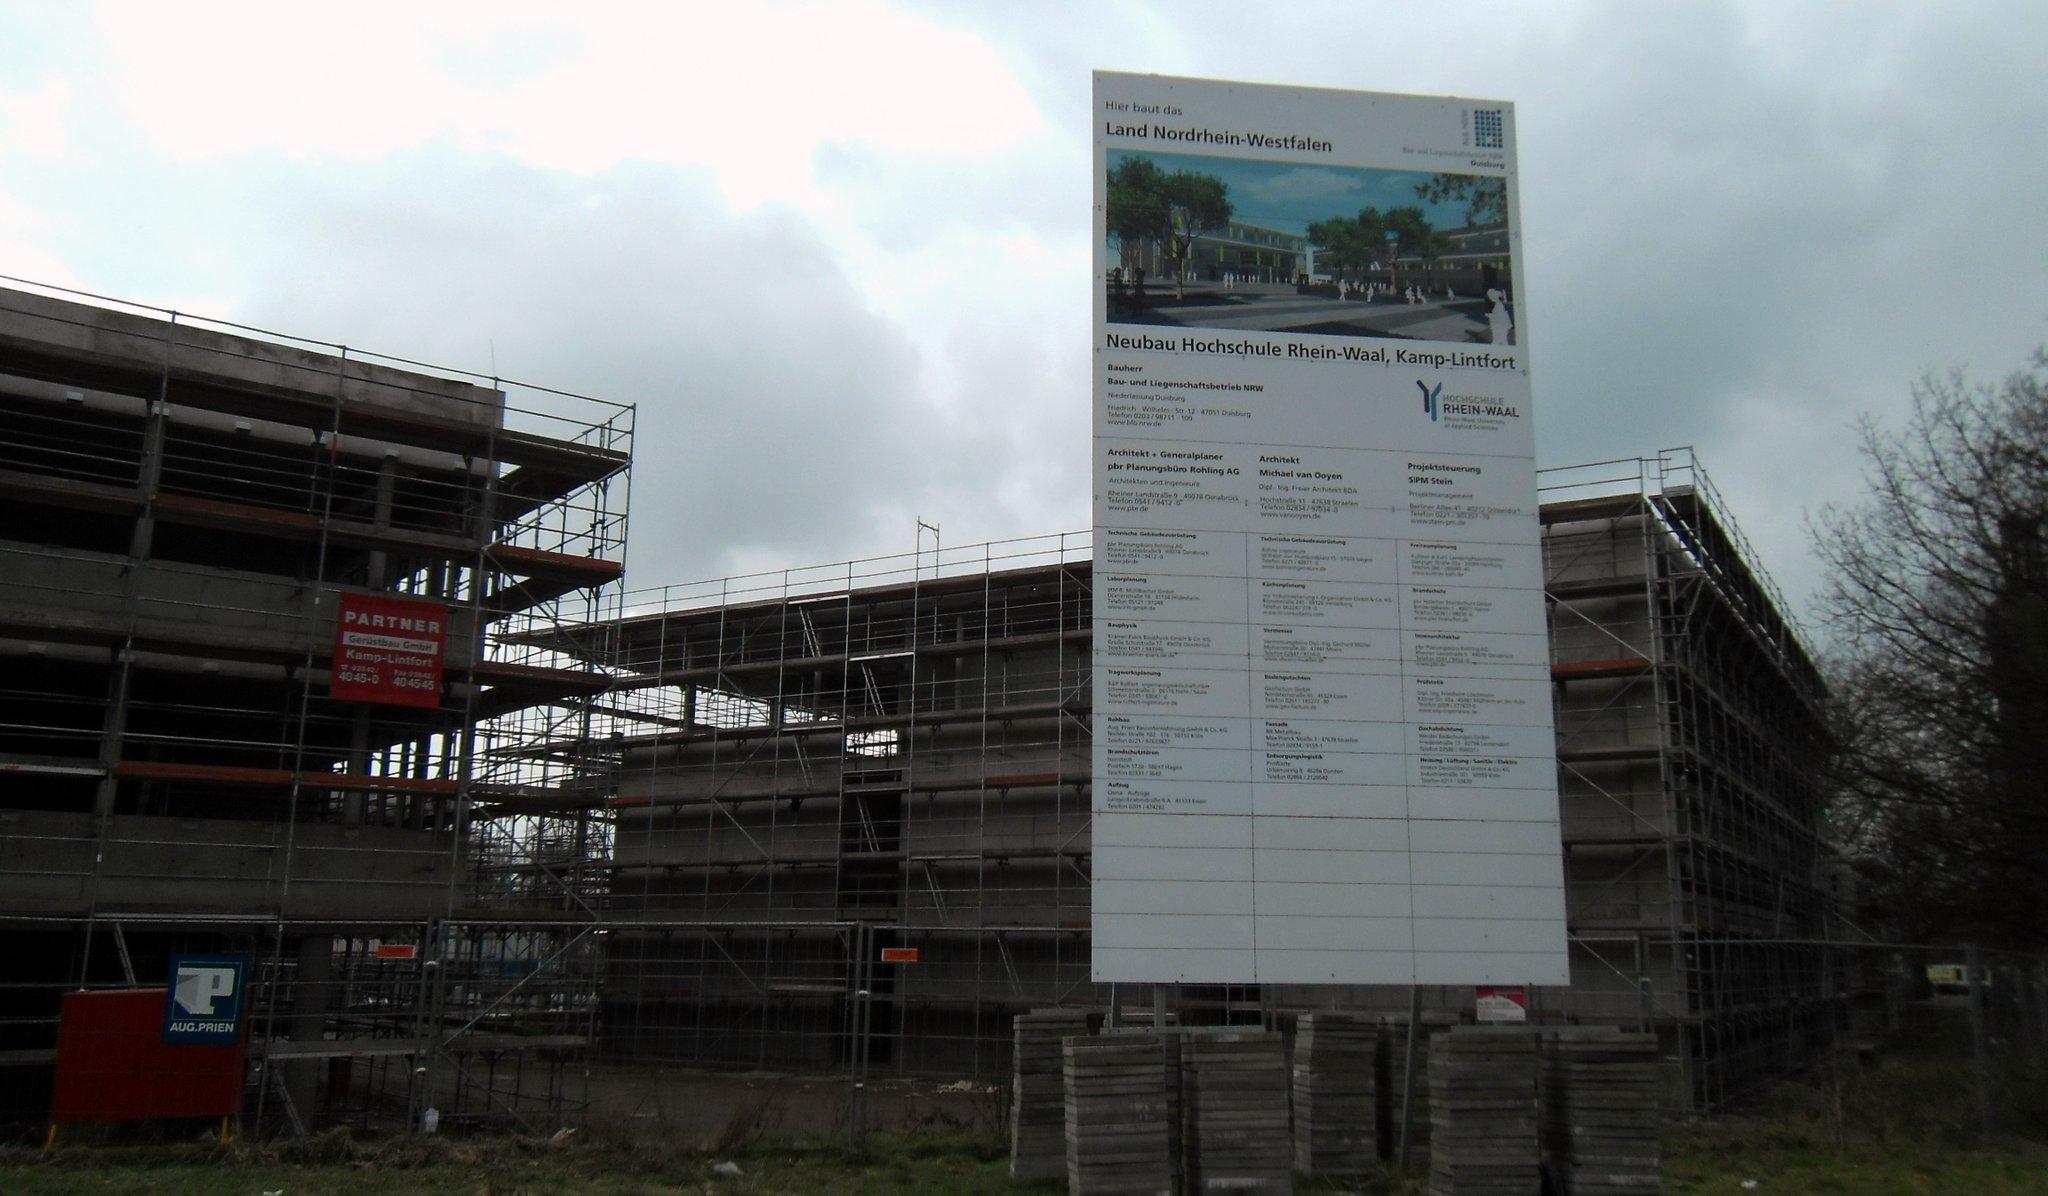 Hochschule Rhein-Waal Teil 3 - Kamp-Lintfort